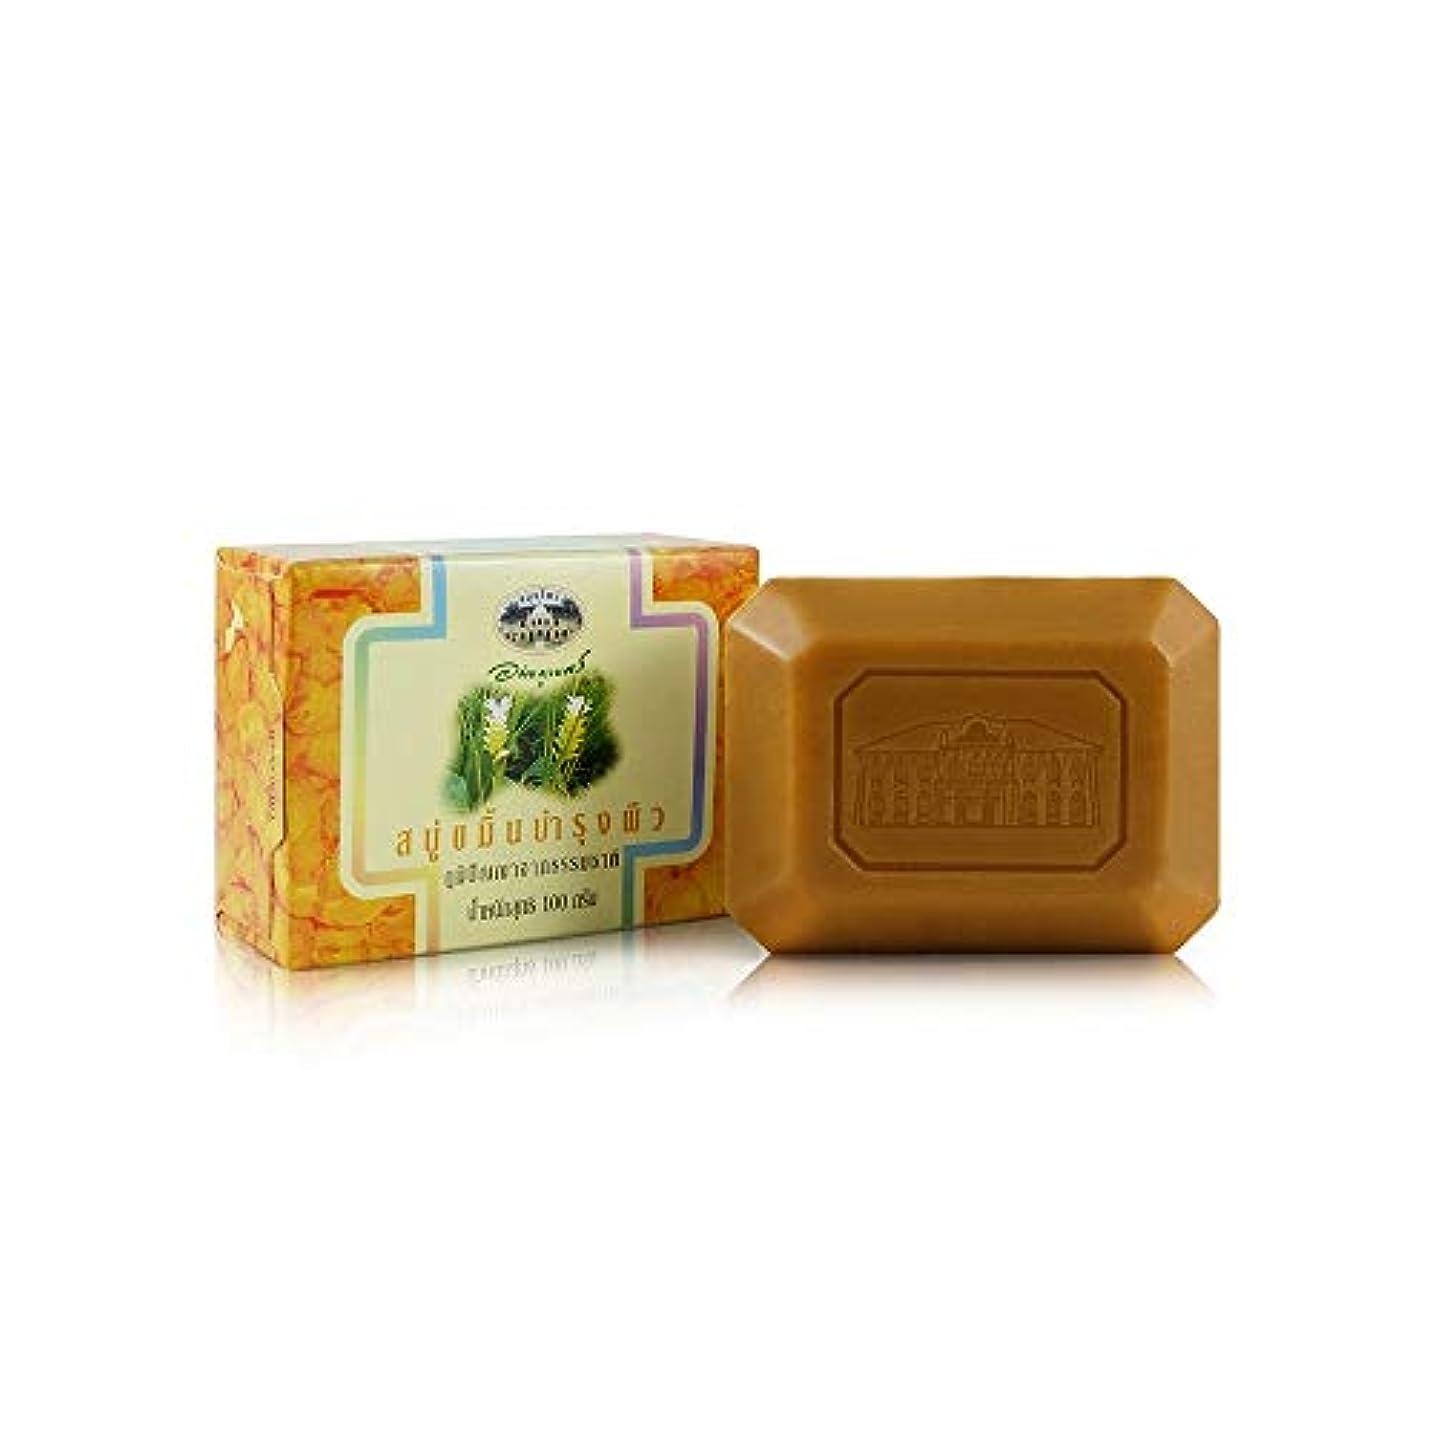 管理する何でも経営者Abhaibhubejhr Turmeric Herbal Body Cleansing Soap 100g. Abhaibhubejhrターメリックハーブボディクレンジングソープ100グラム。